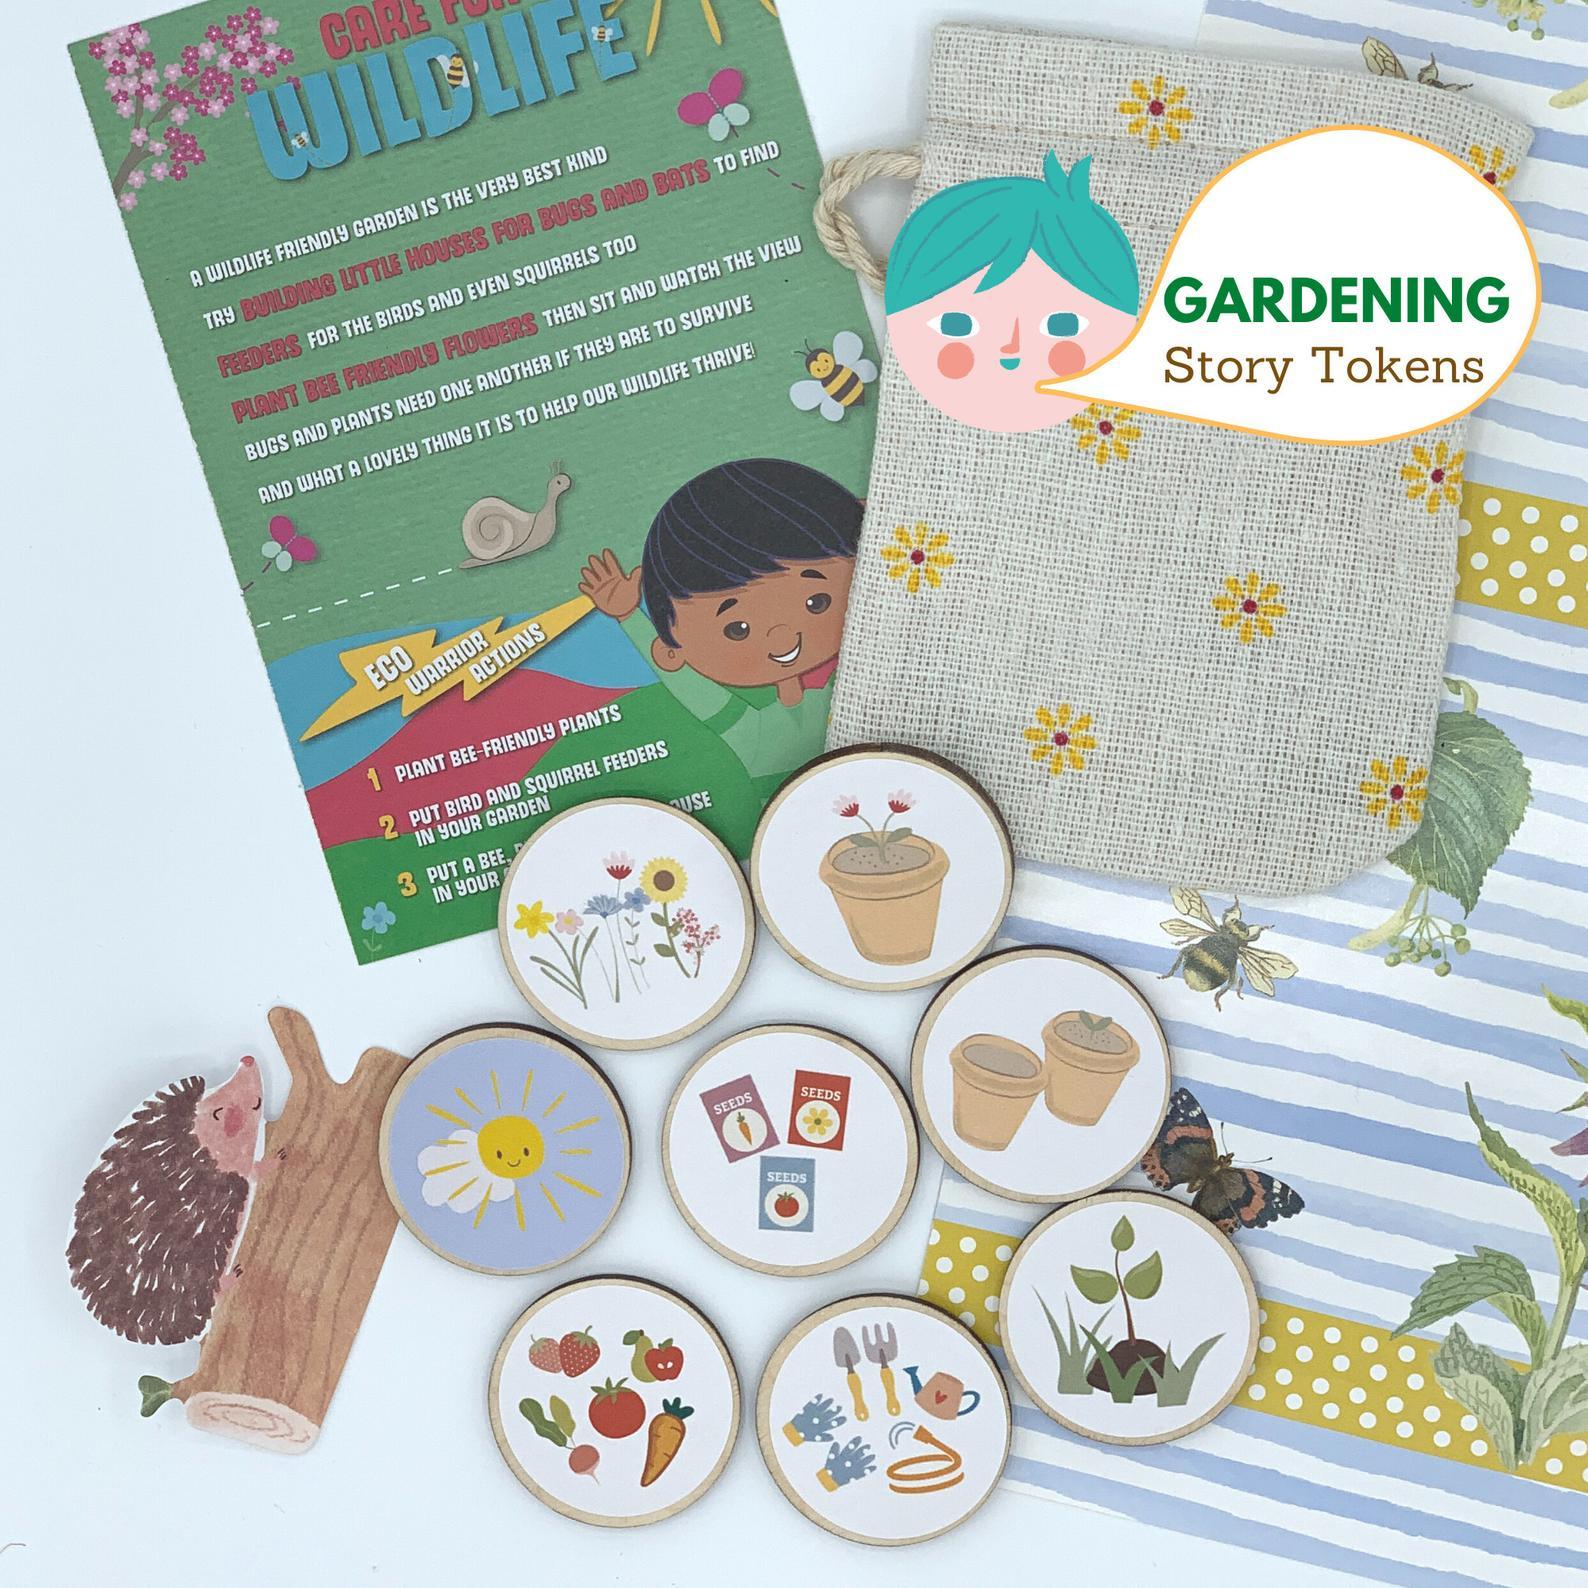 eco story tokens child storytelling gardening